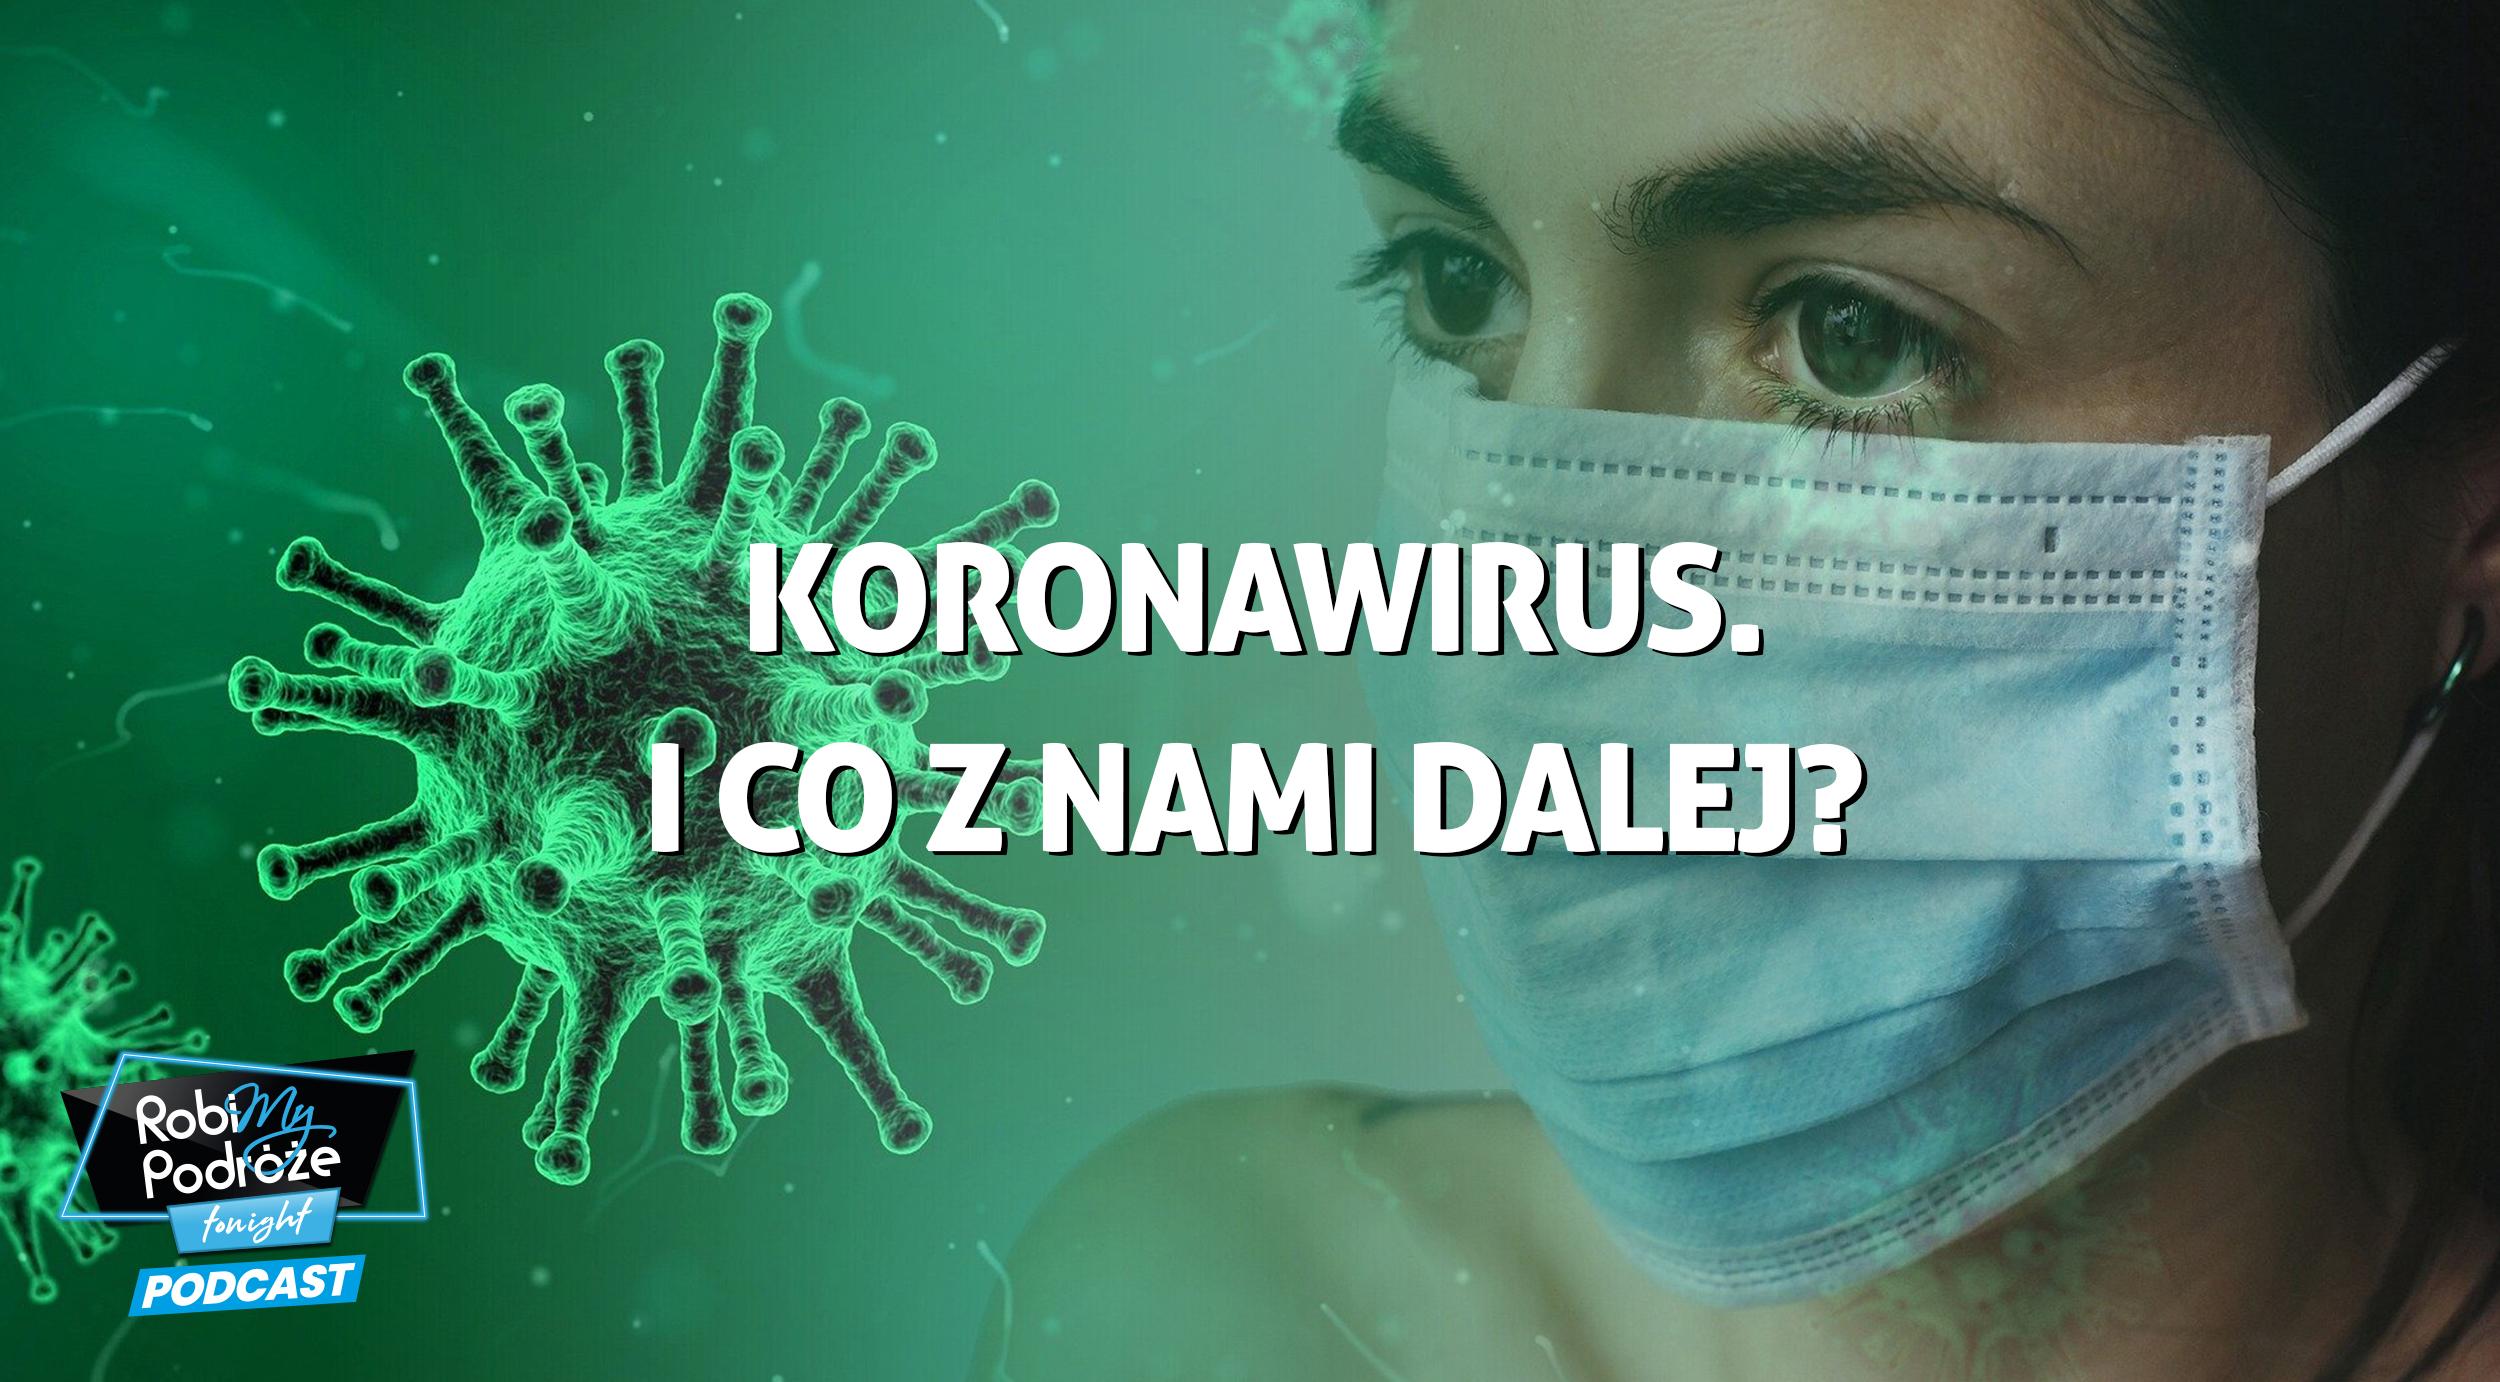 Koronawirus. Co znami dalej